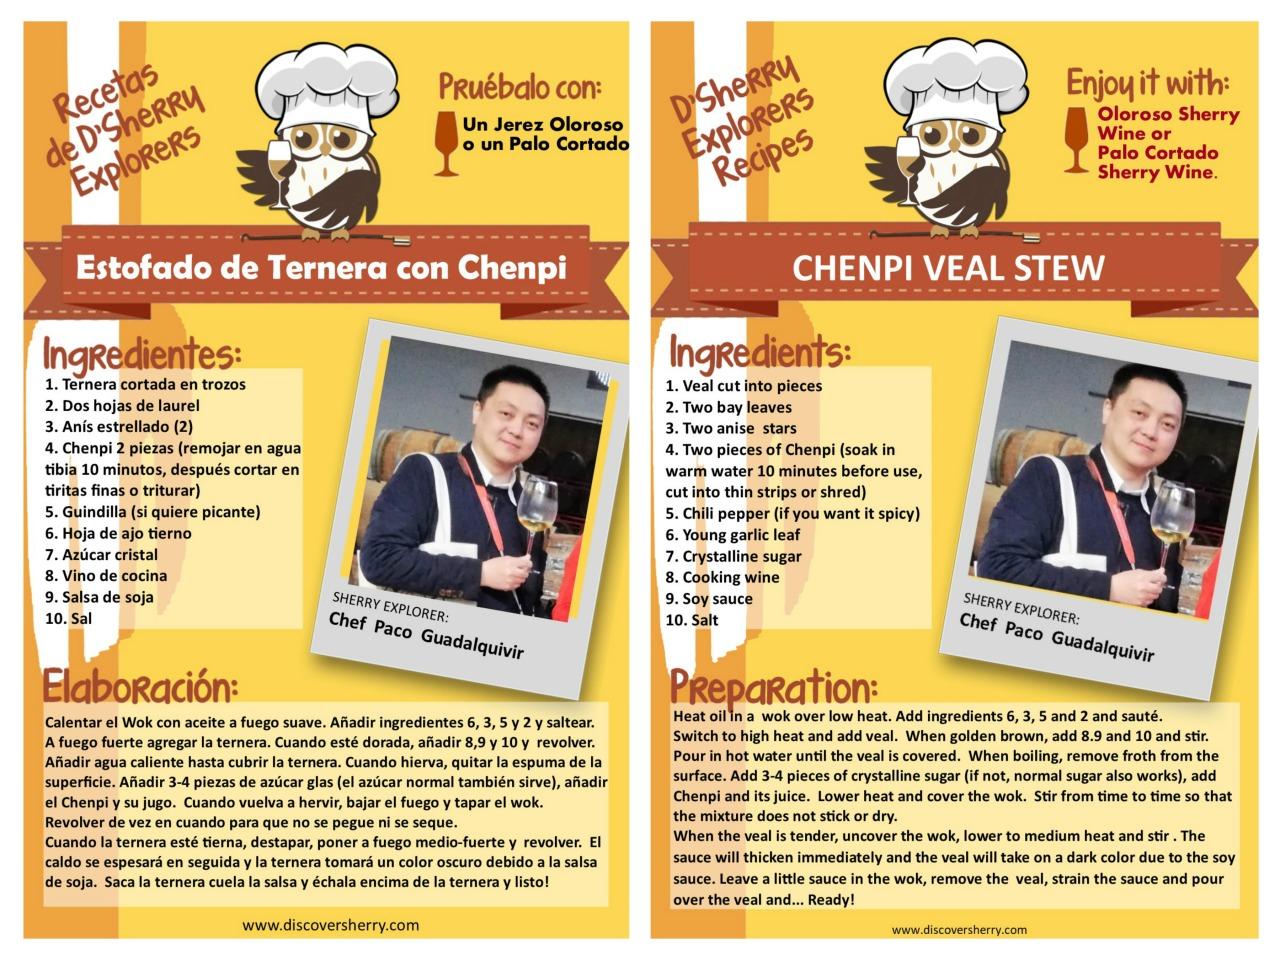 Receta de Paco Zhu-Guadalquivir: Estofado de ternera con Chenpi /  Chenpi VealStew